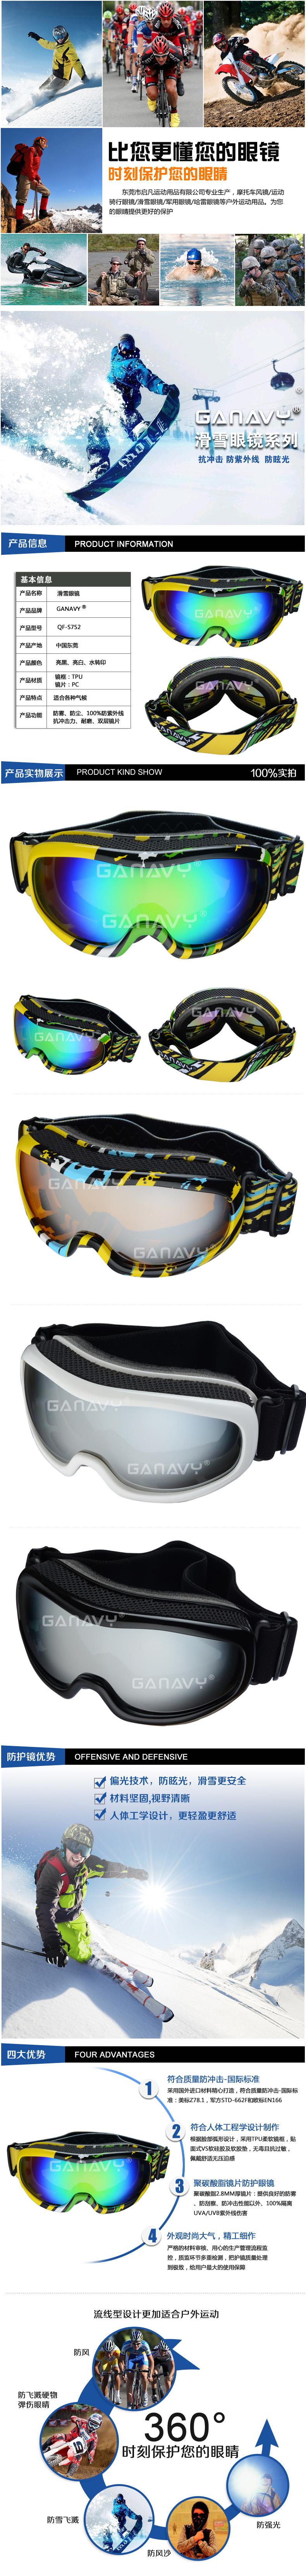 ski goggles junior  ski goggle qf-s752 ski